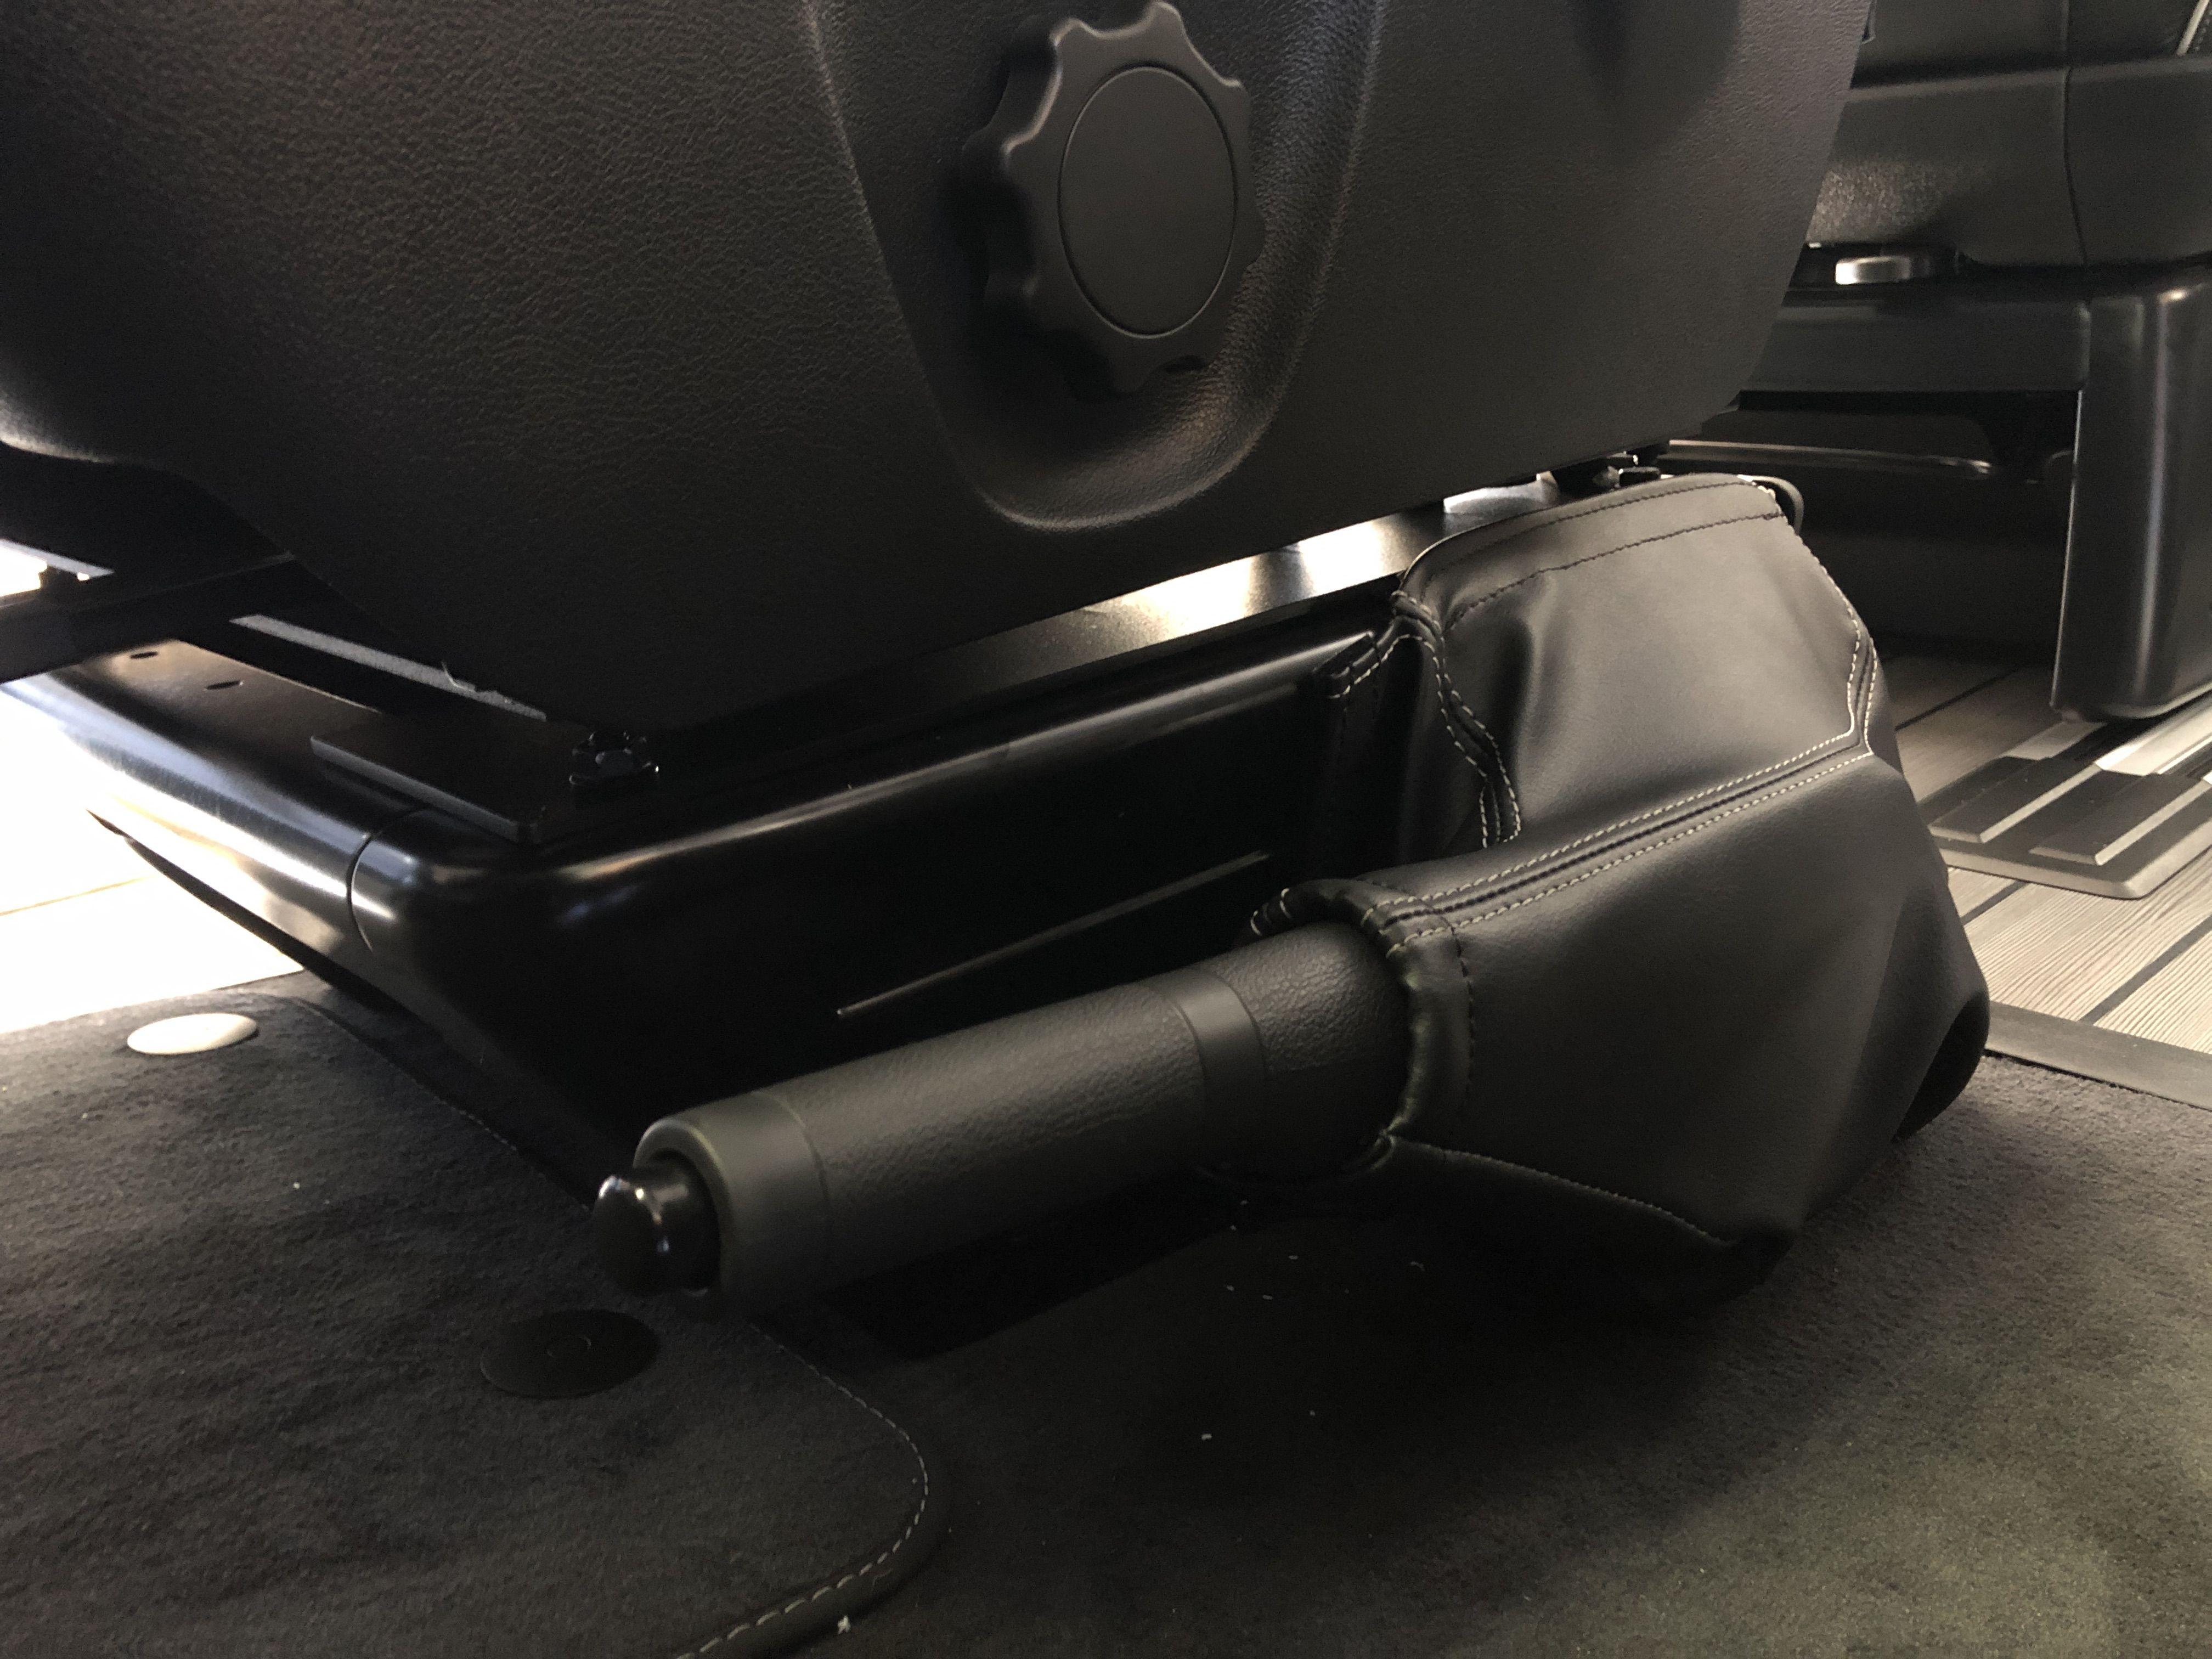 Cover For Handbrake Lowering Kit Installed In Vw T5 T6 Multivan Transporter And Caravelle In 2020 Multivan Vw T5 Cover